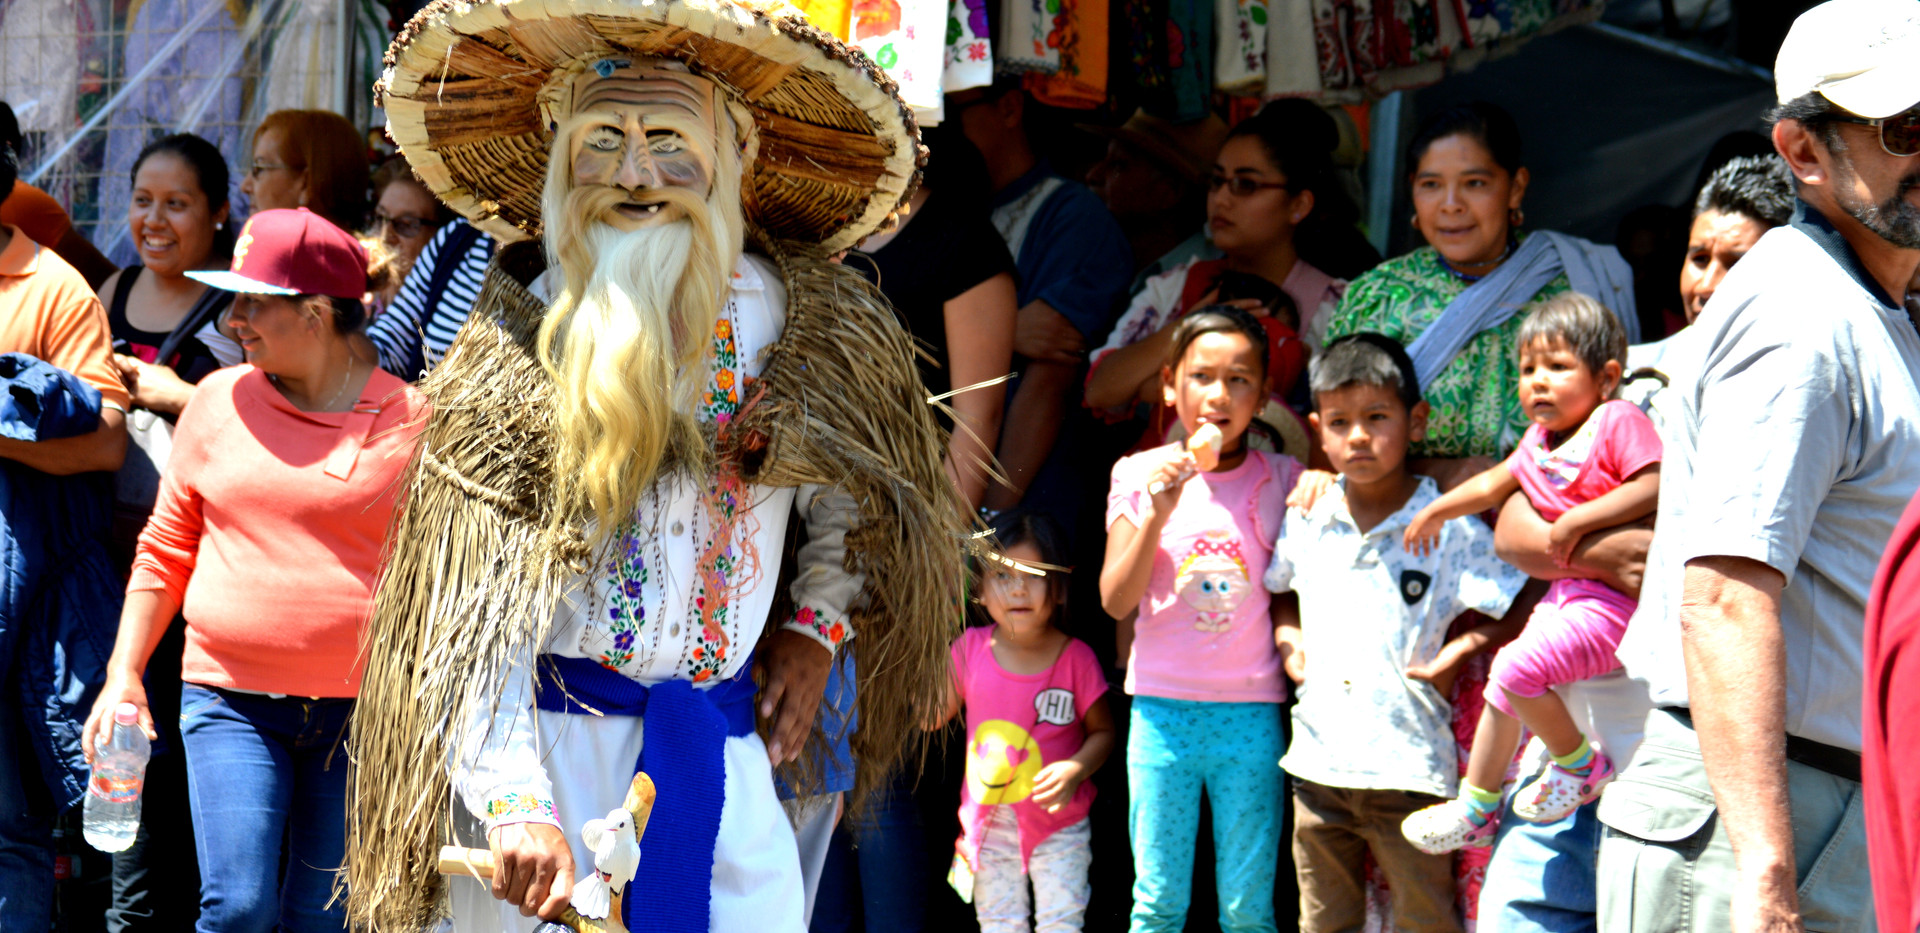 Domingo de Ramos Parade in Uruapan, Mich